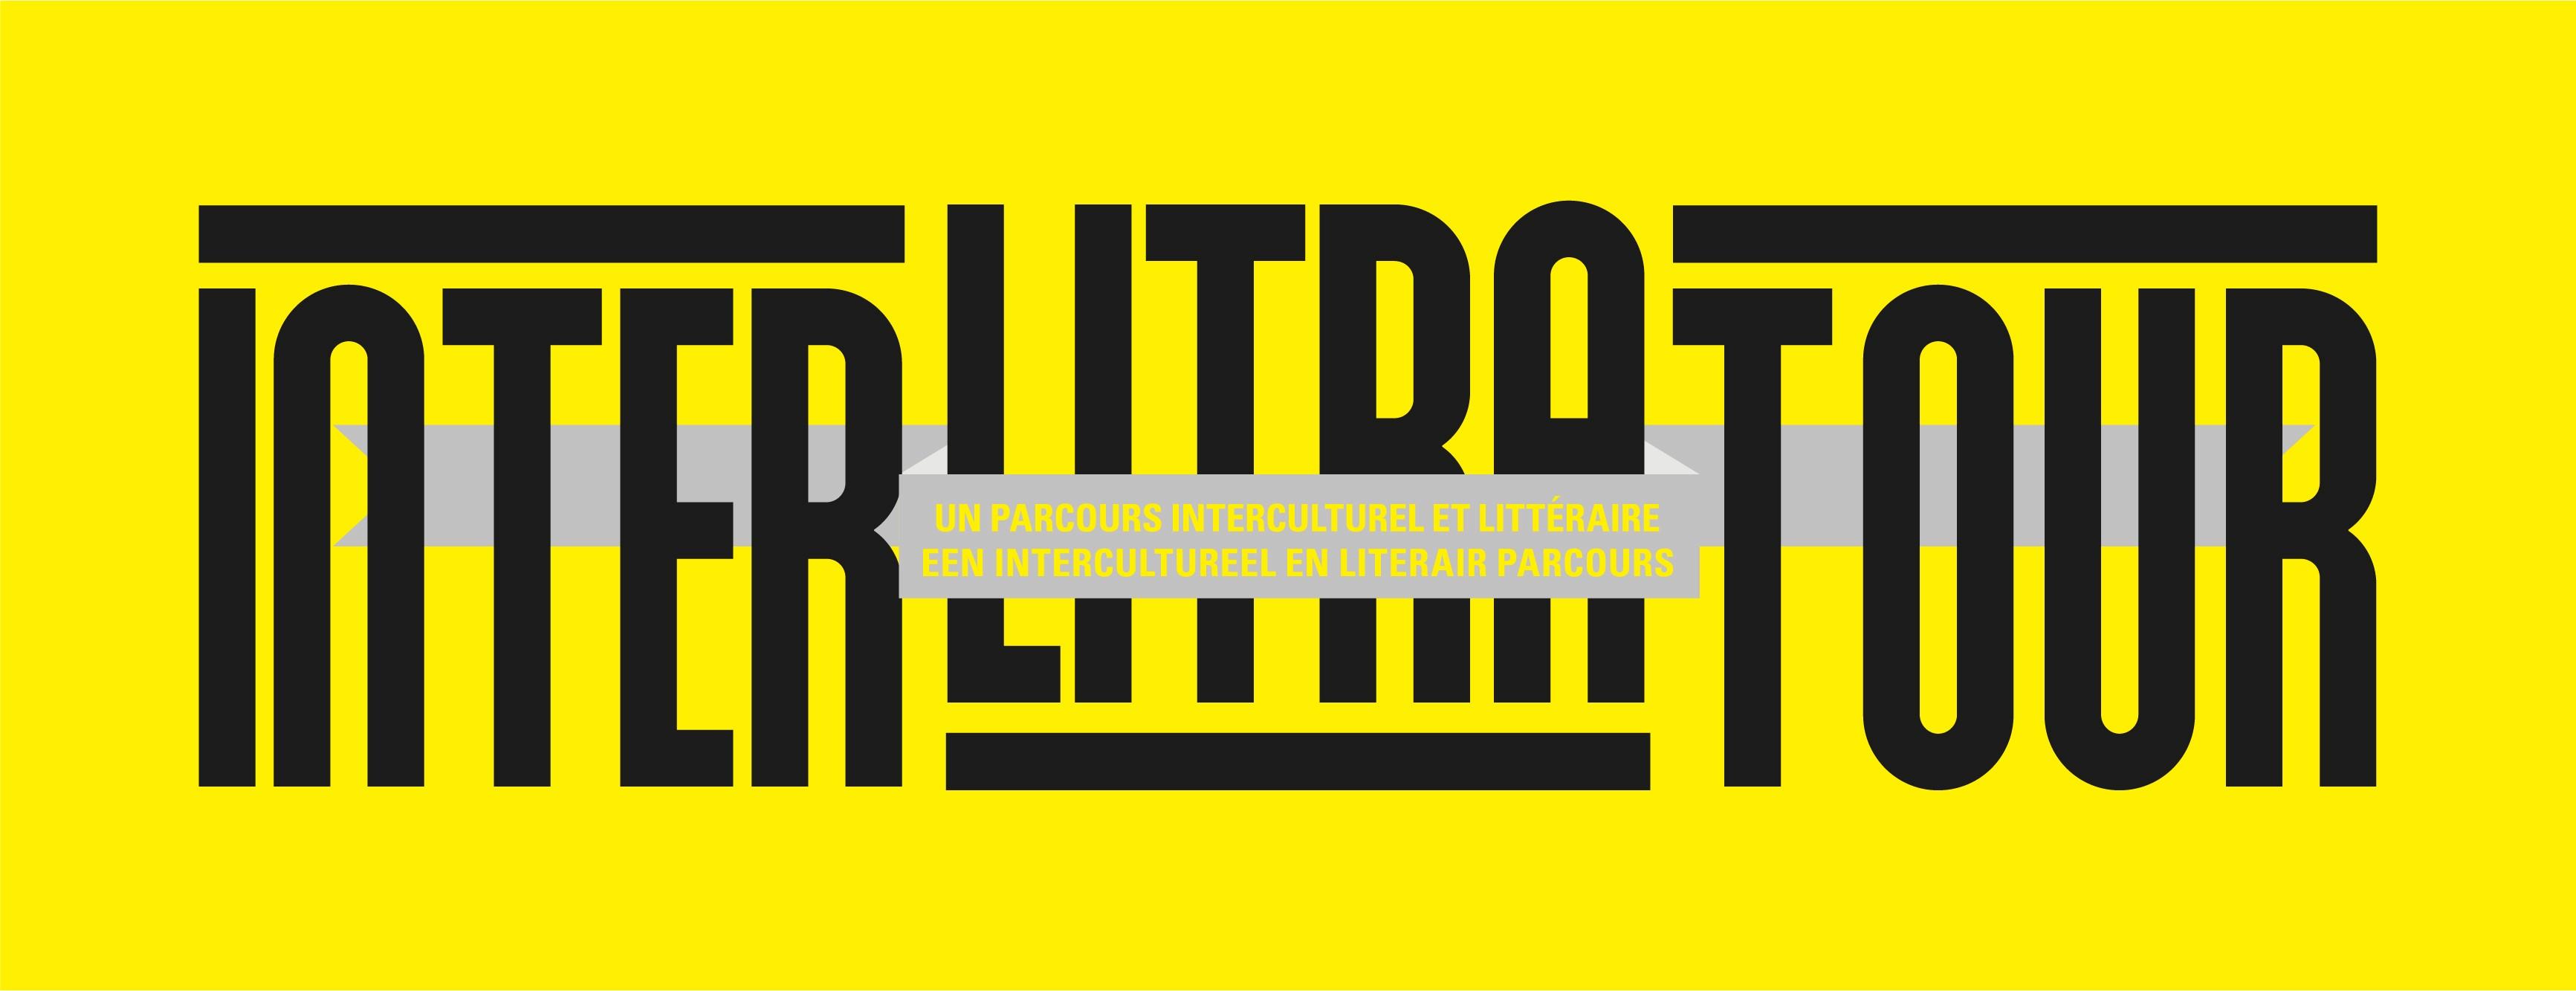 ILT 2019 logo